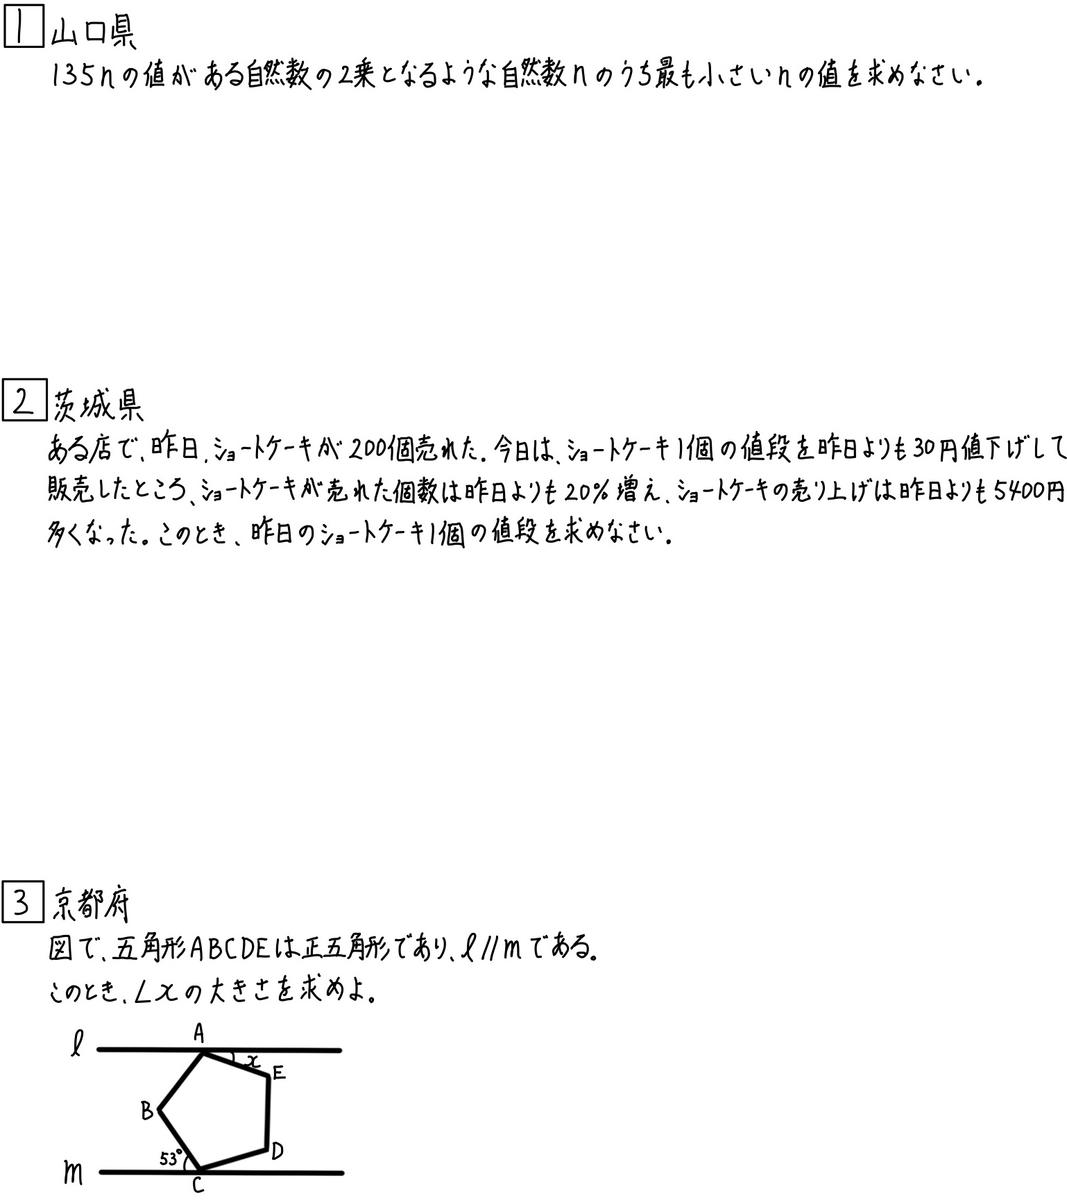 偏差値50突破への道No.8